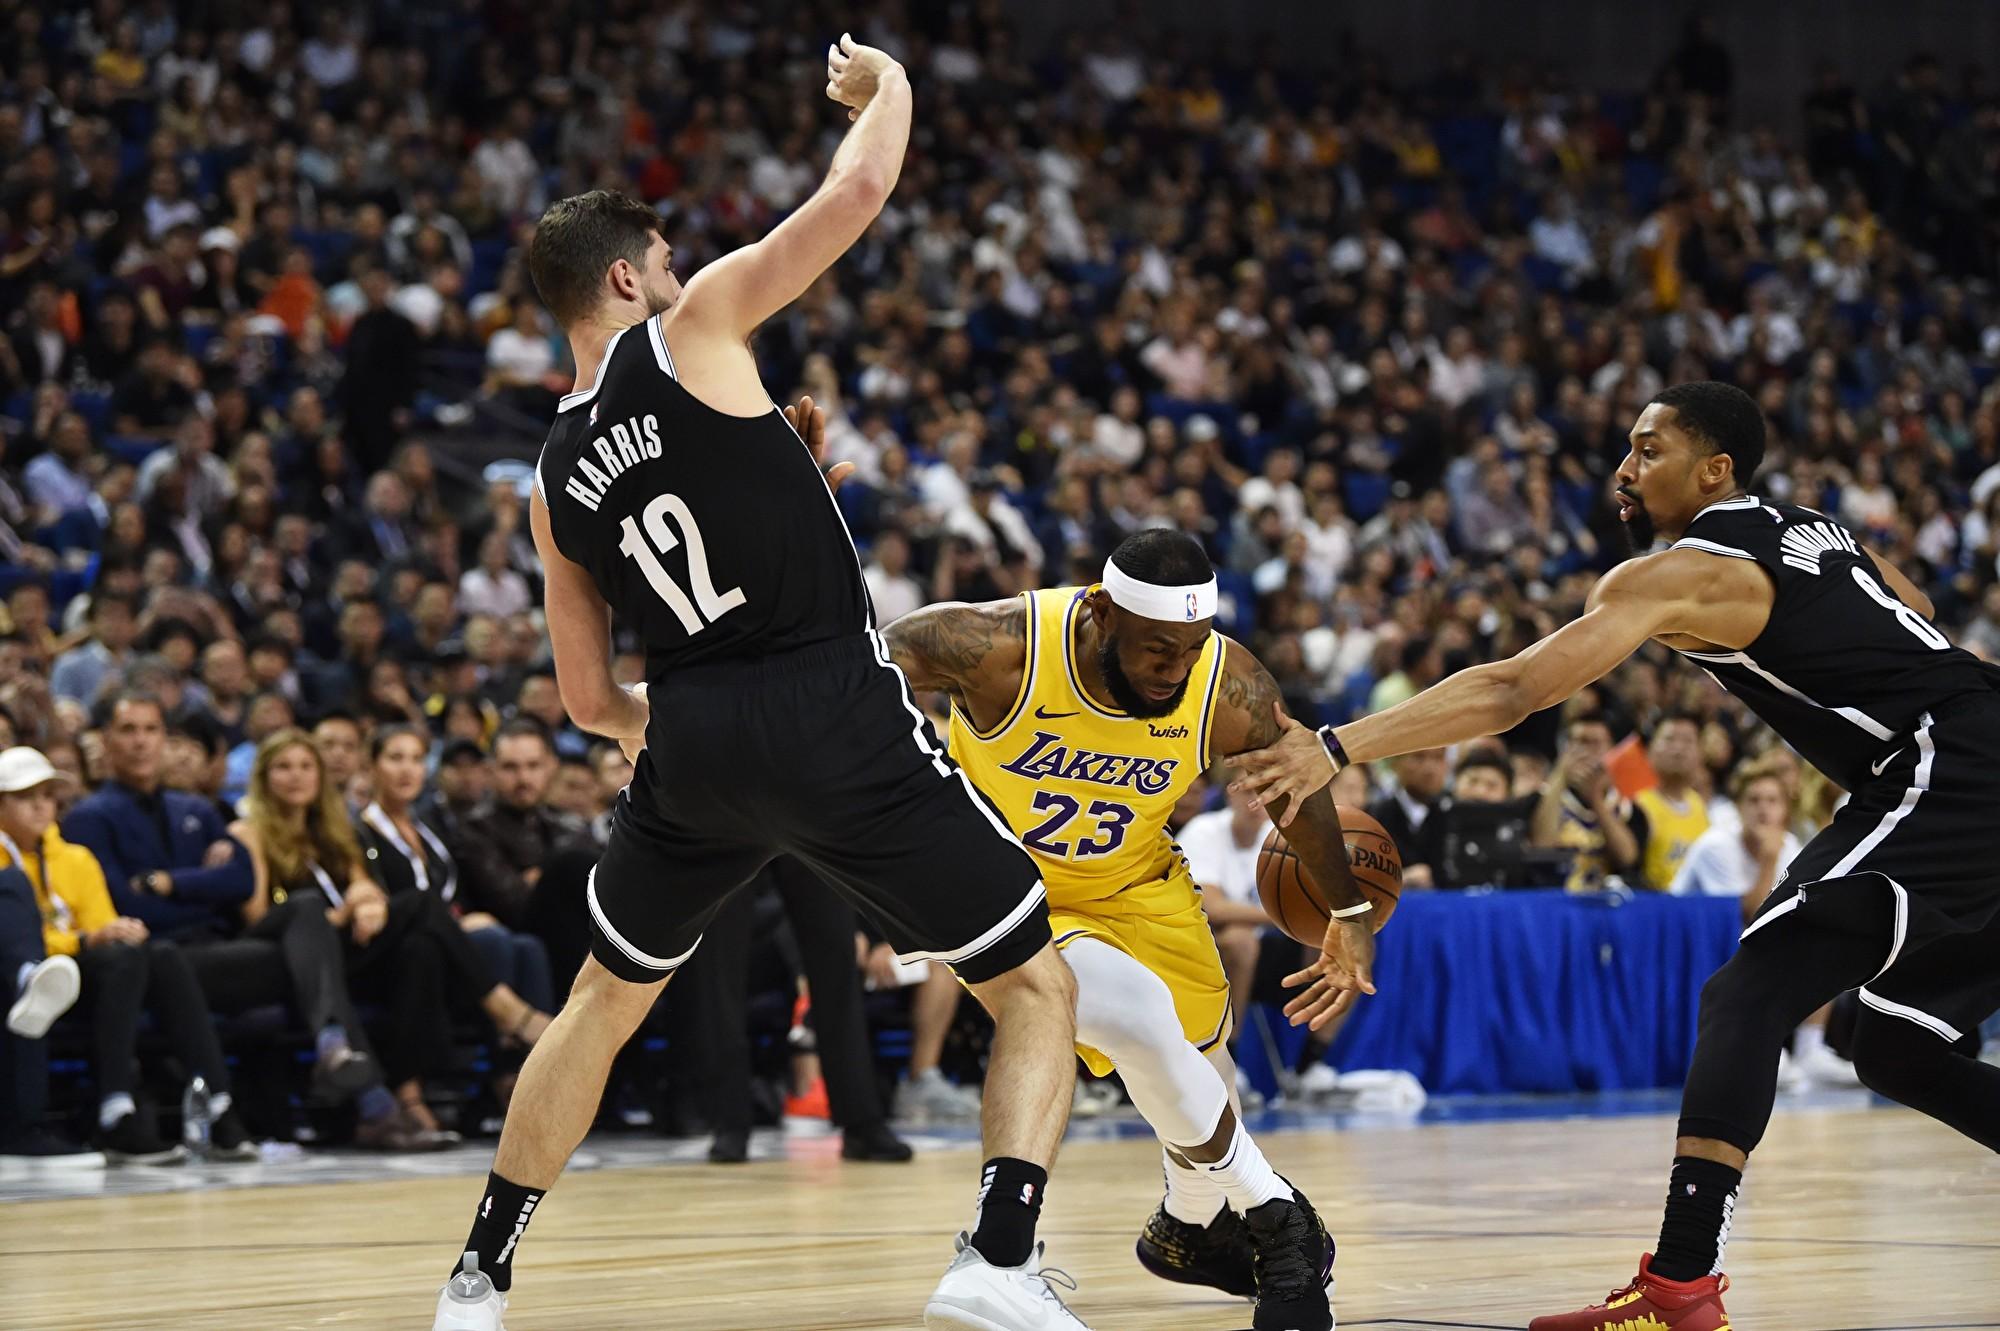 中共欲全面封殺NBA 中國球迷和民眾怎麼看